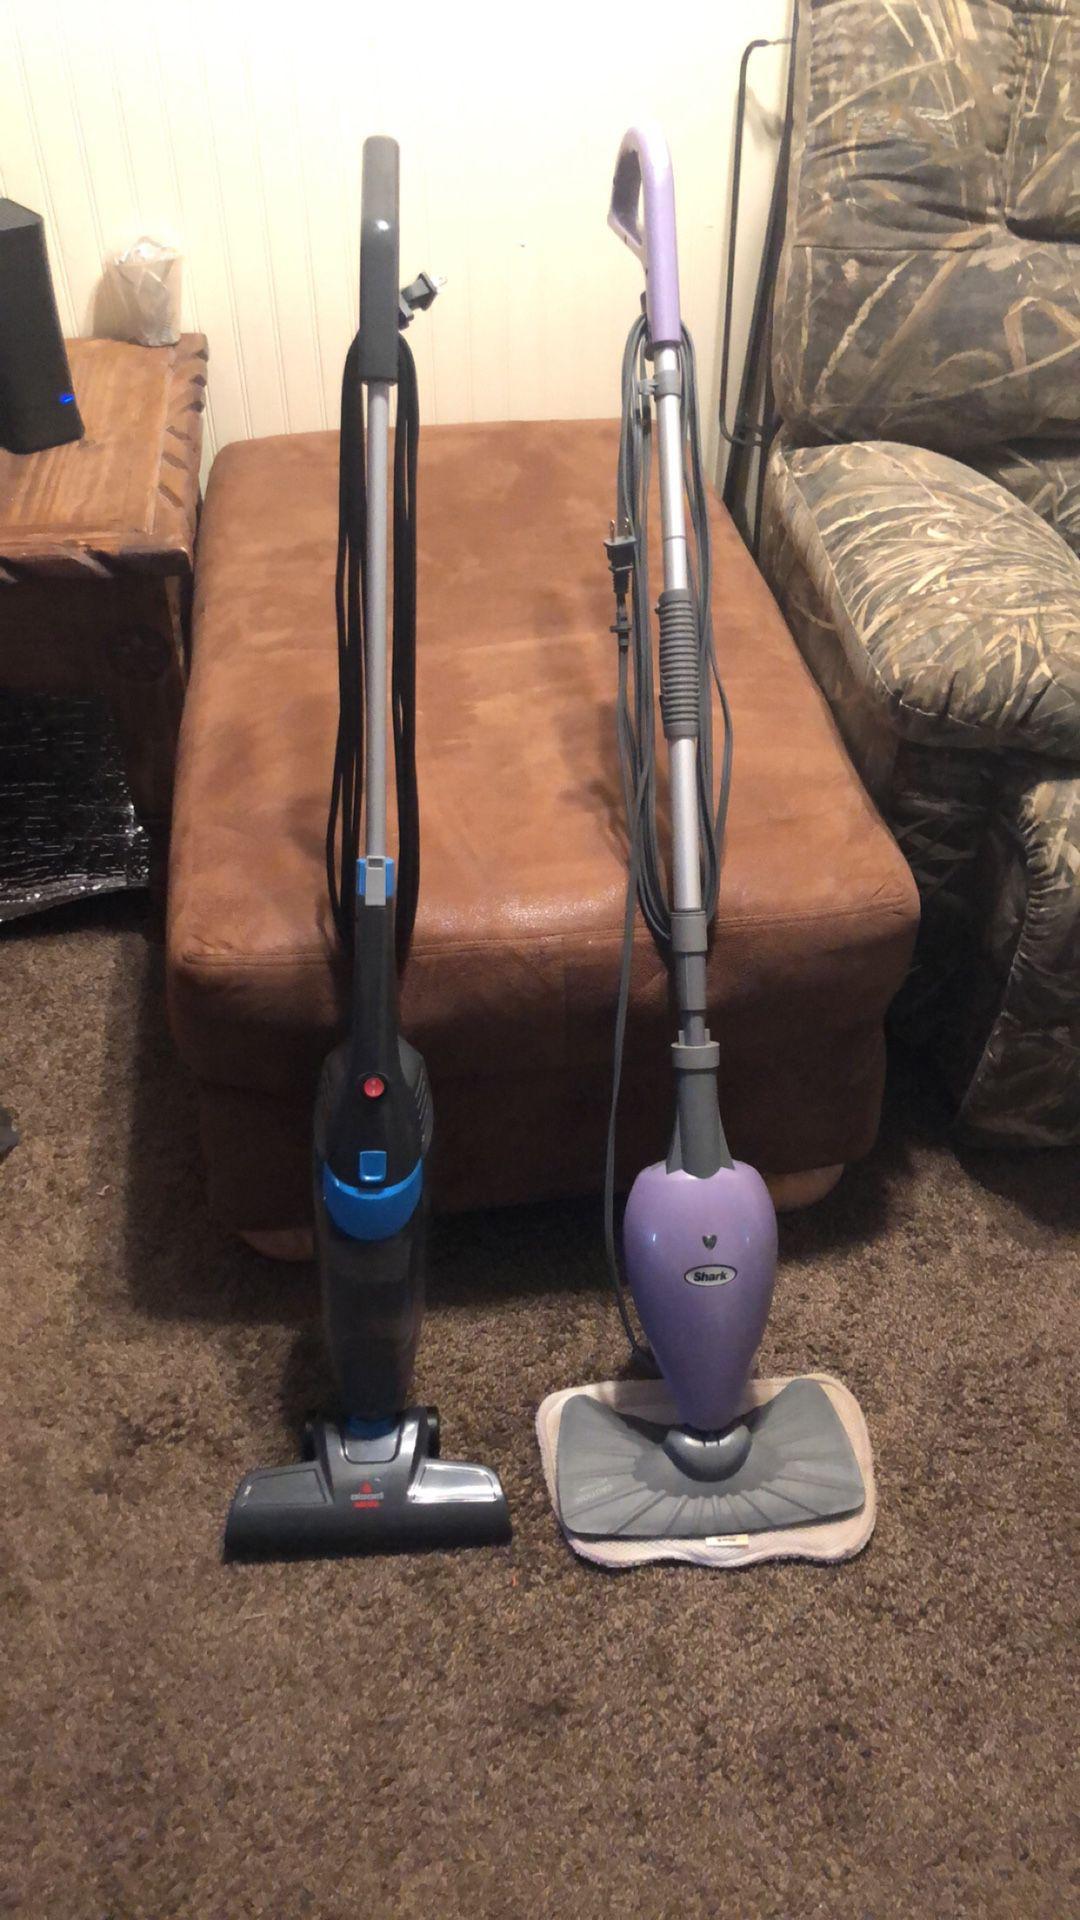 ShopVac , steam mop, vacuum cleaner